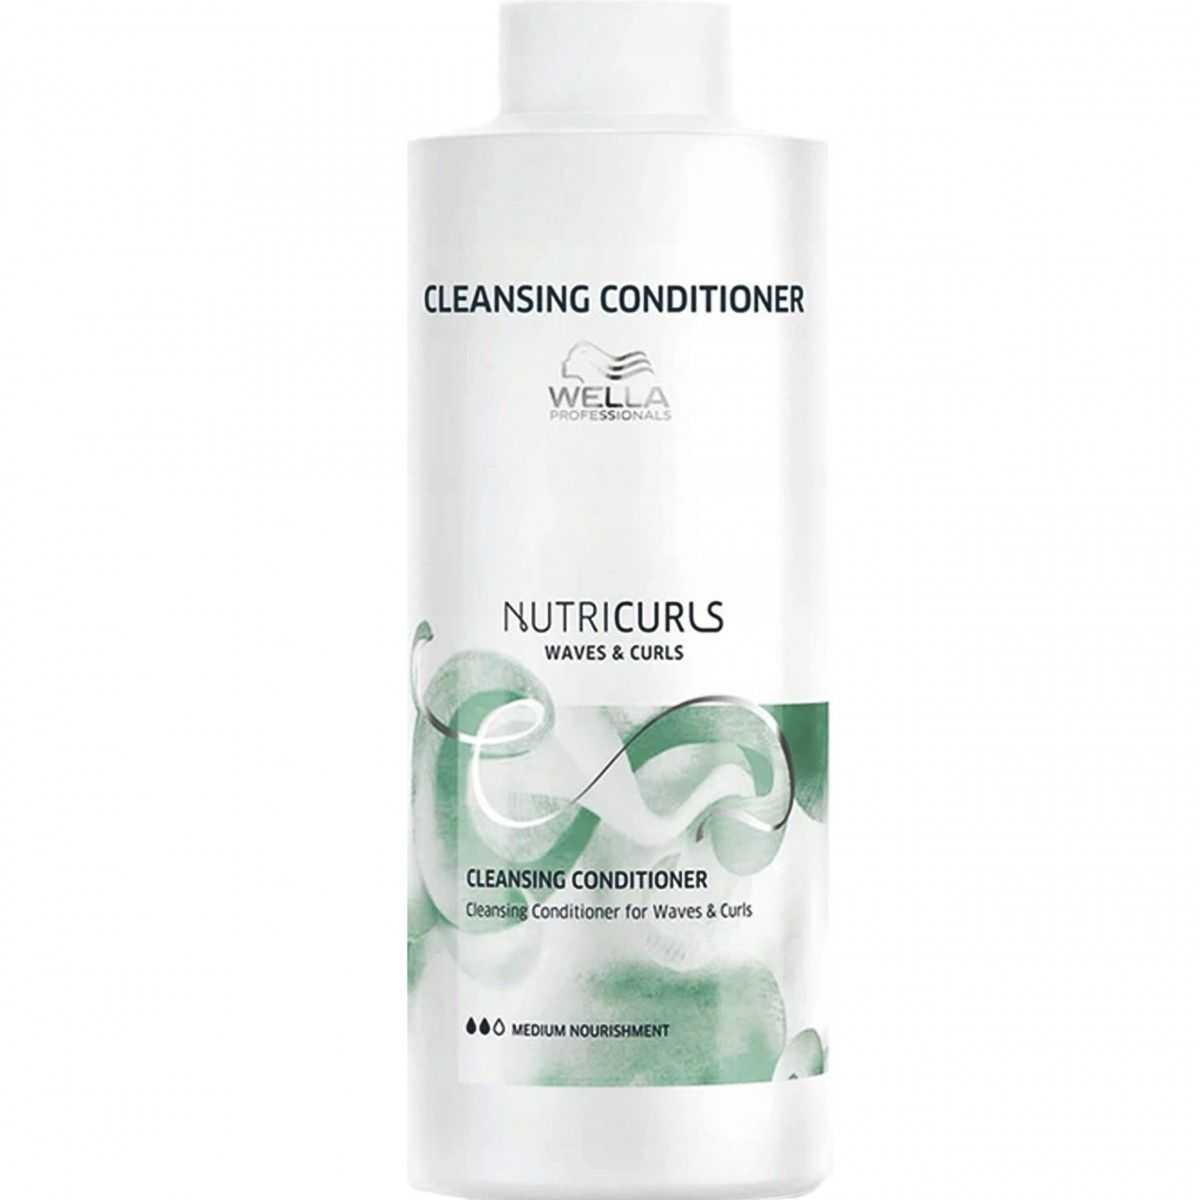 Wella Nutricurls Cleansing Condition odżywka myjąca loki i fale 1000ml